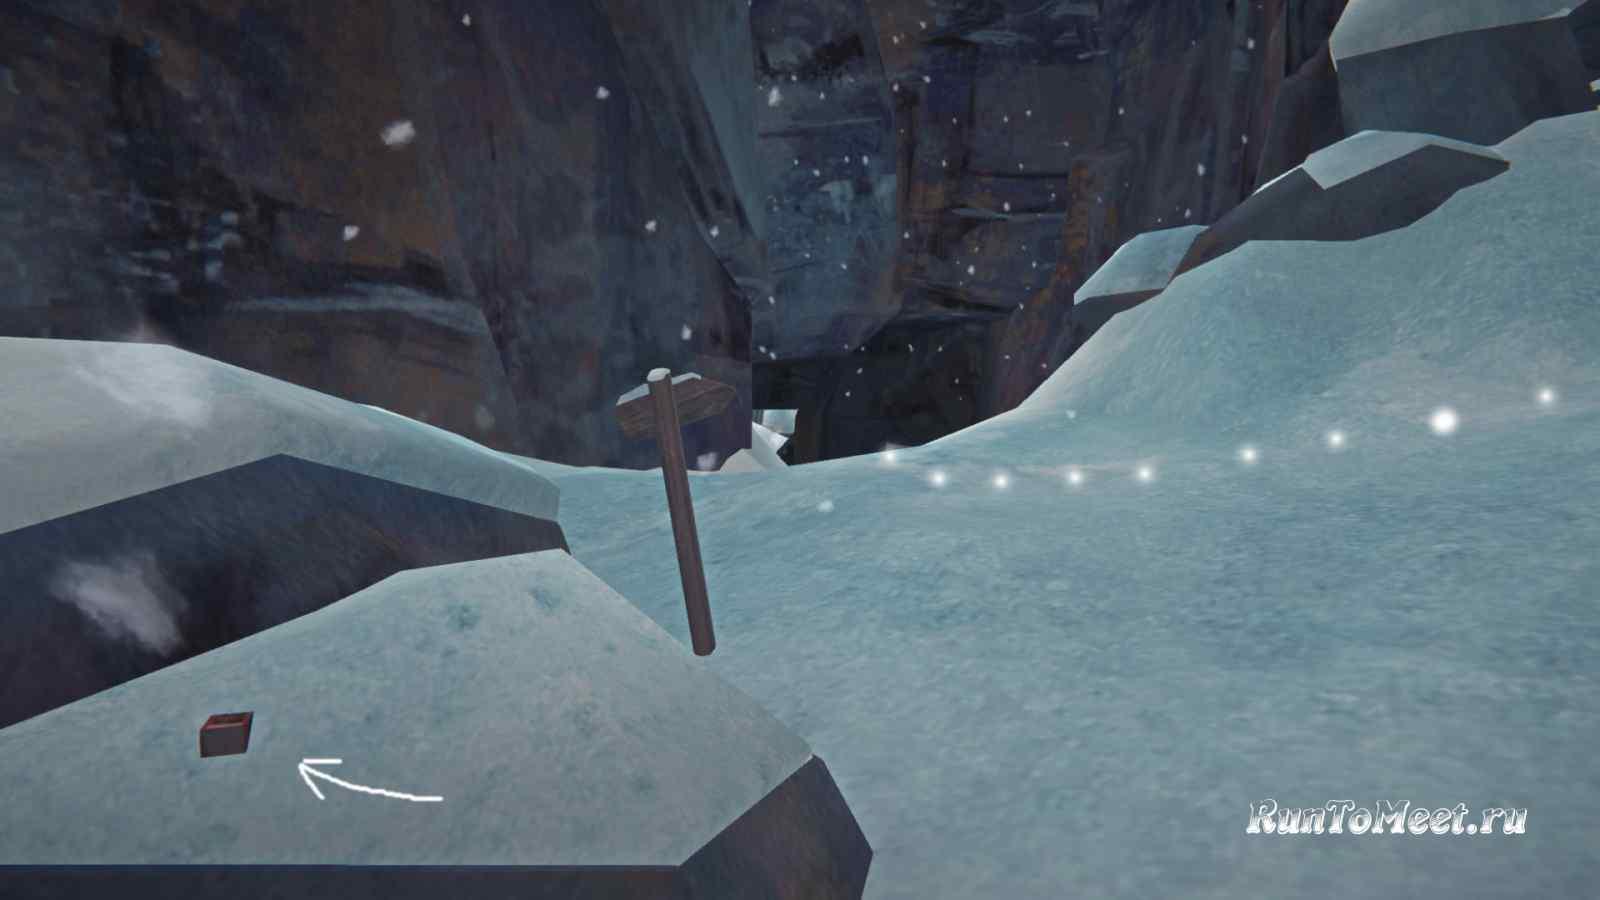 Нычка по пути к виду на Волчью пасть в Пепельном каньоне игры The long dark